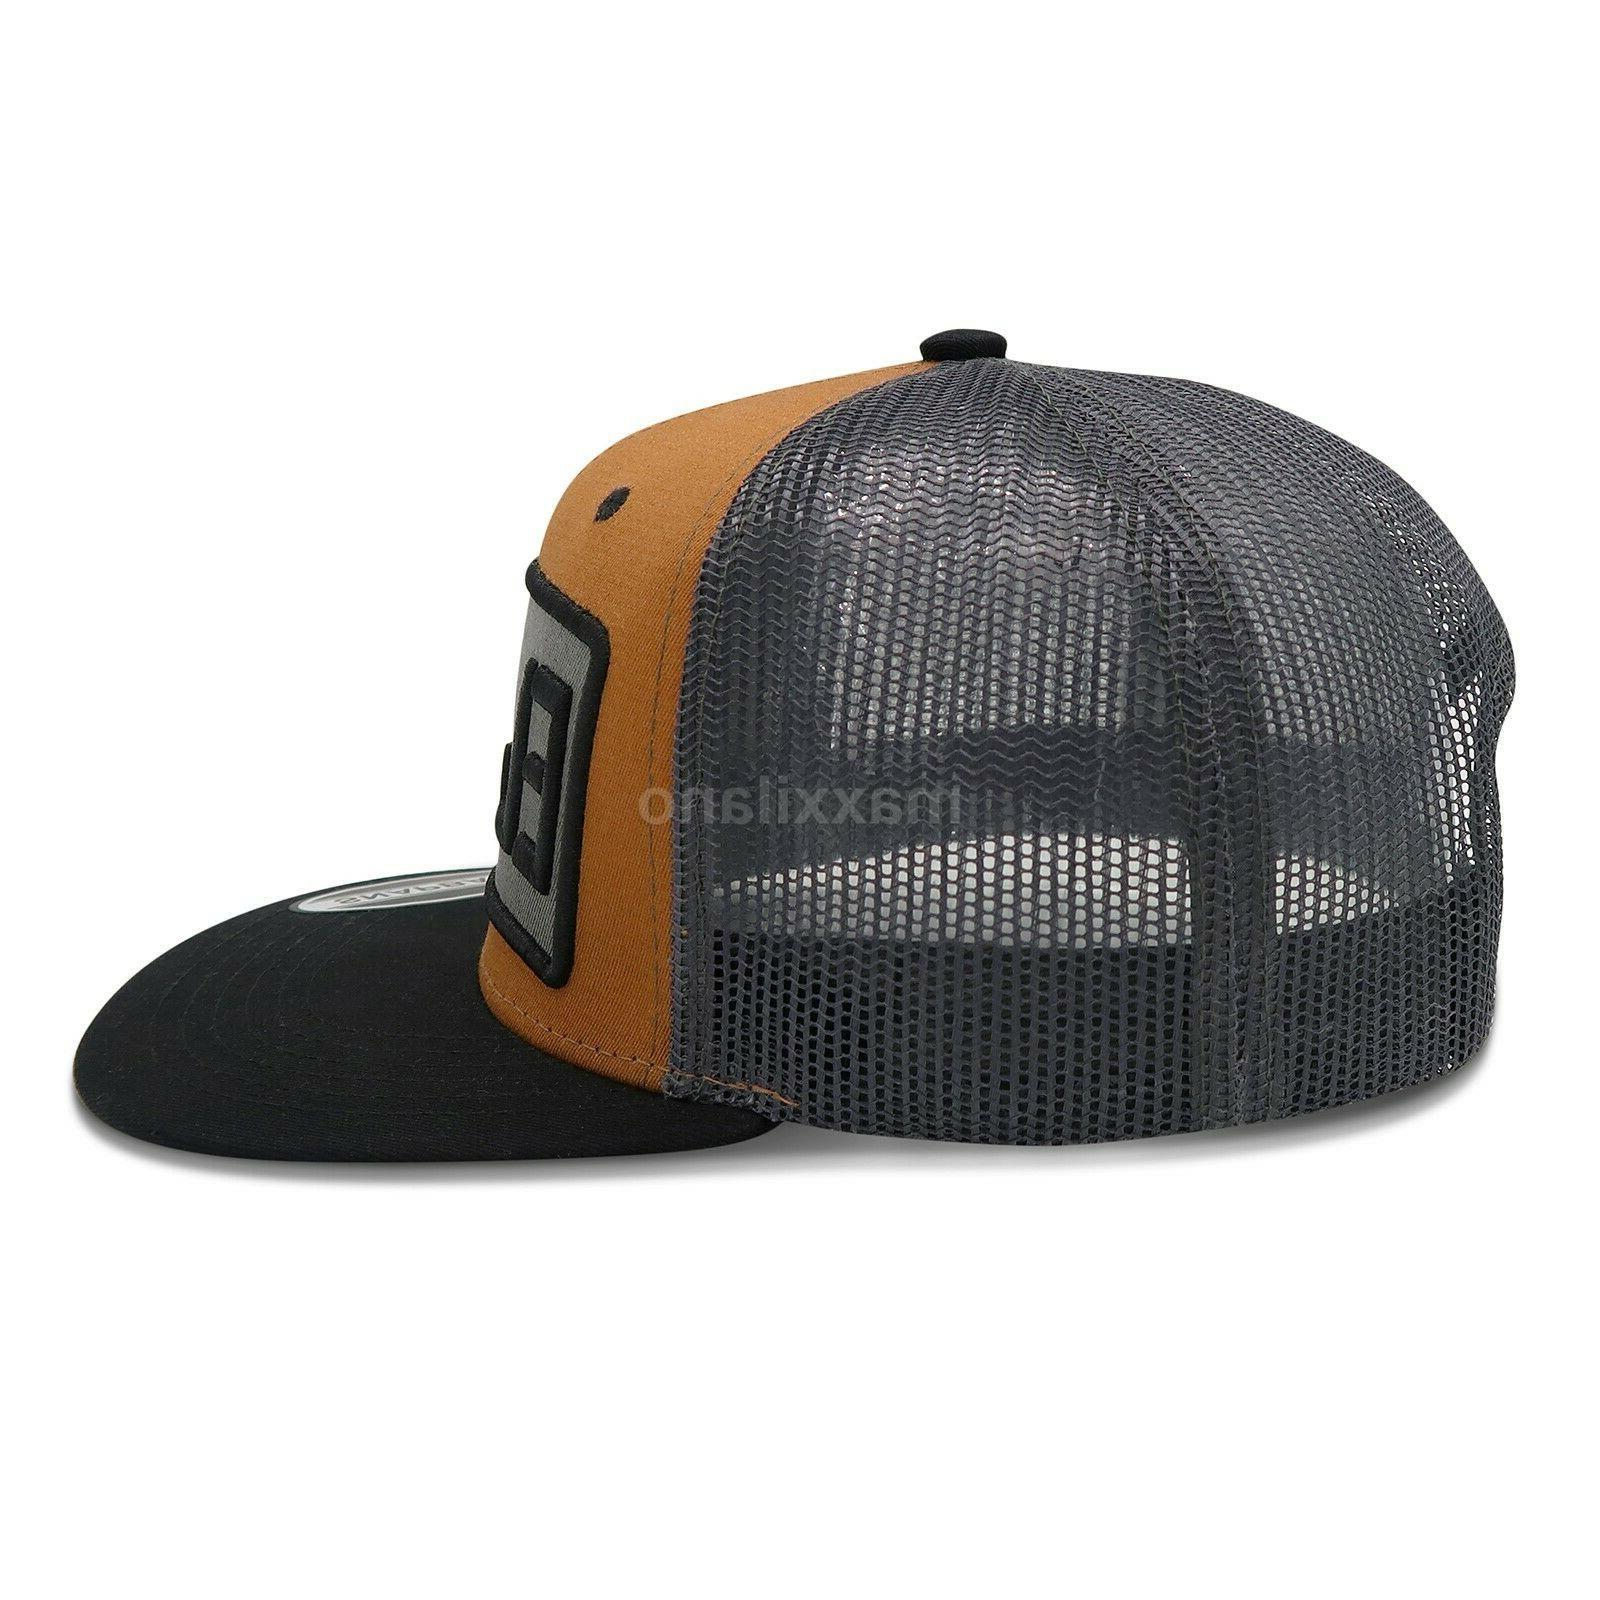 Mens Adjustable Size Hats Flat Hop